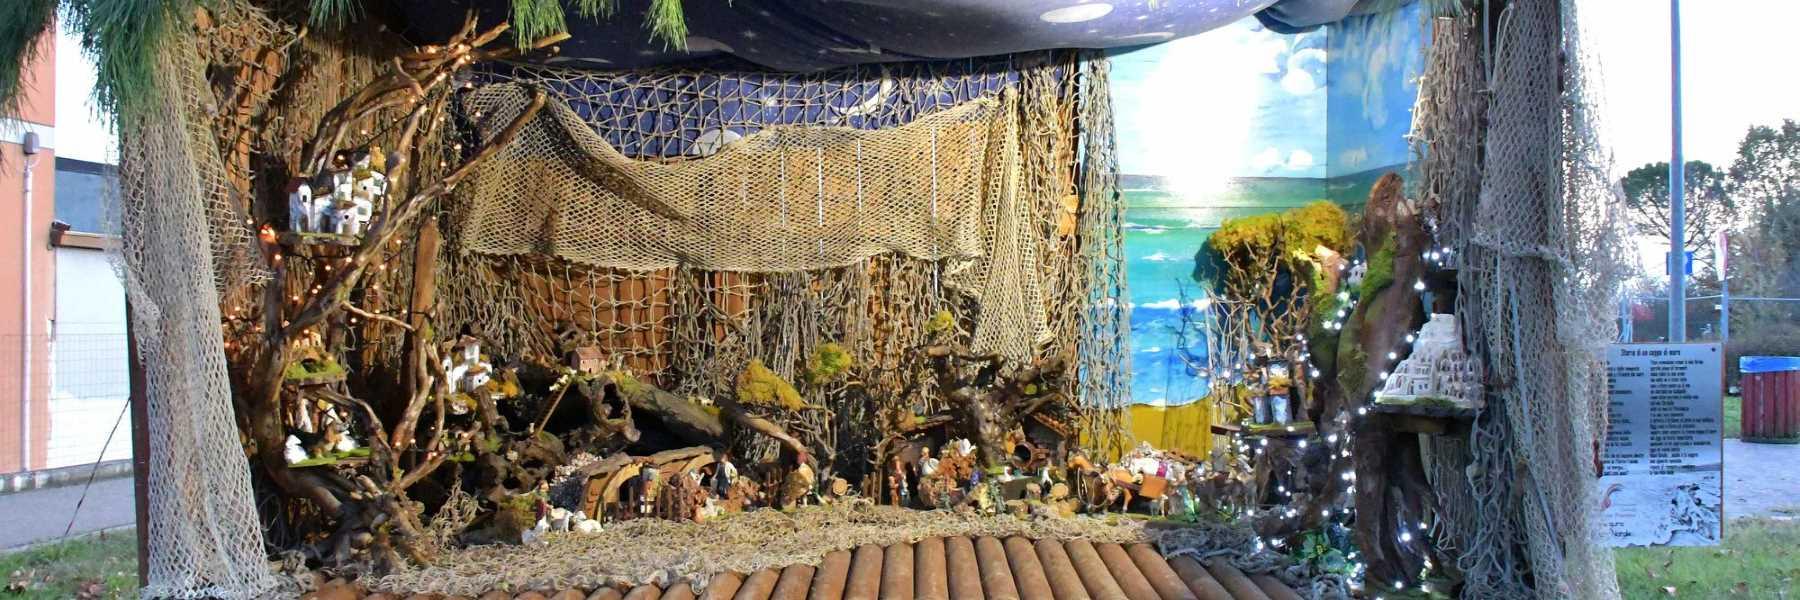 Presepe sui tronchi di mare a Pisignano